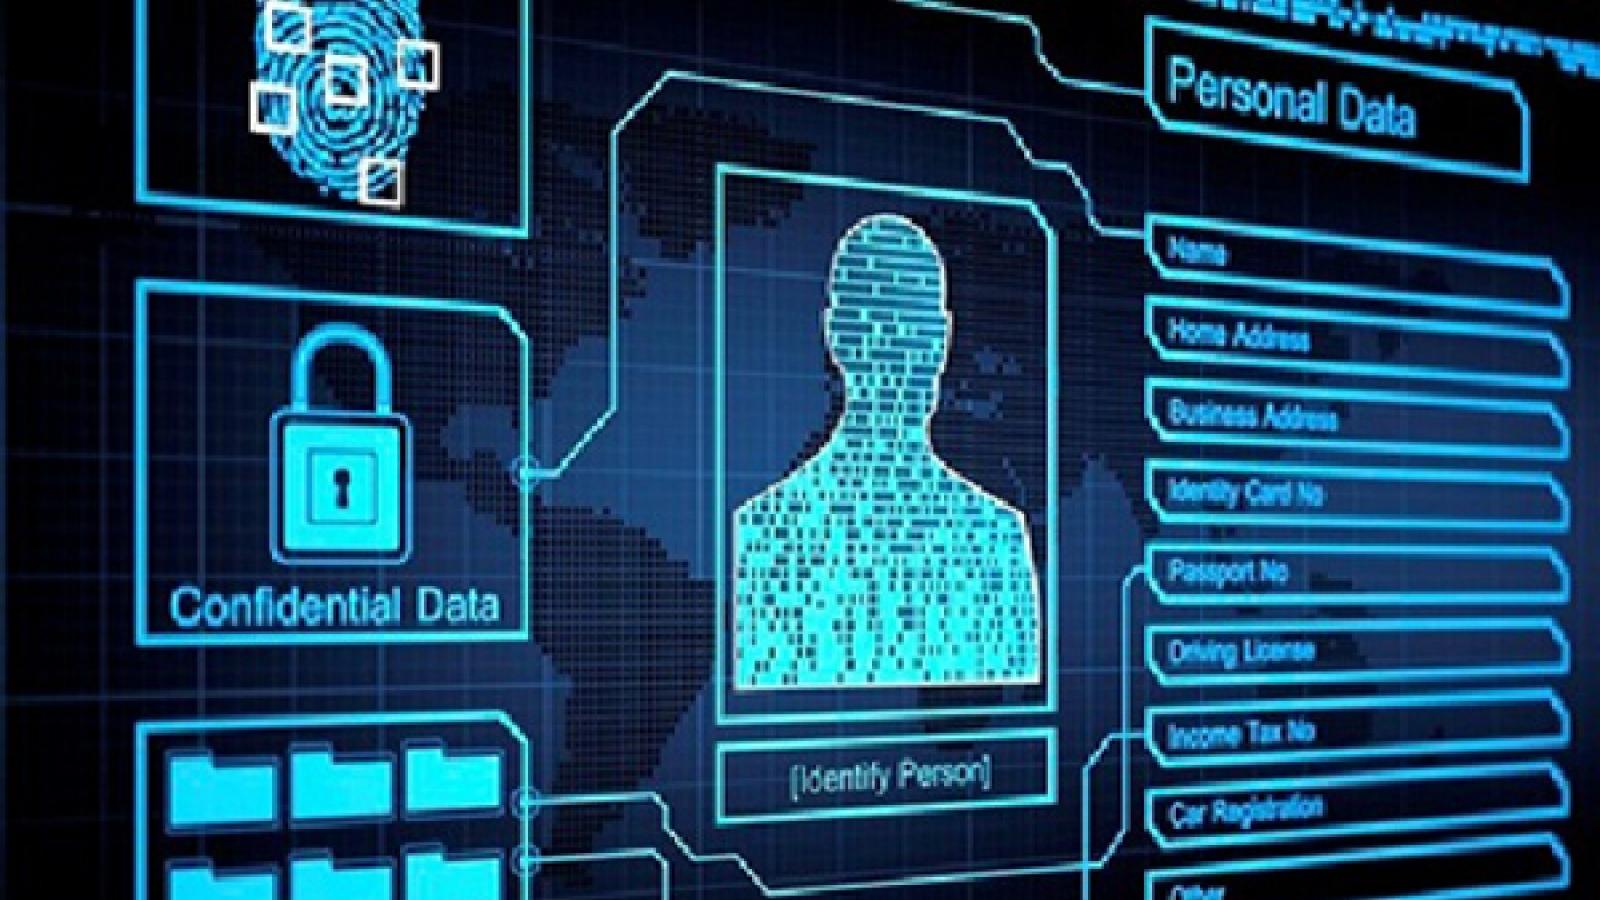 Thông tin cá nhân phải được coi là tài sản để được bảo vệ